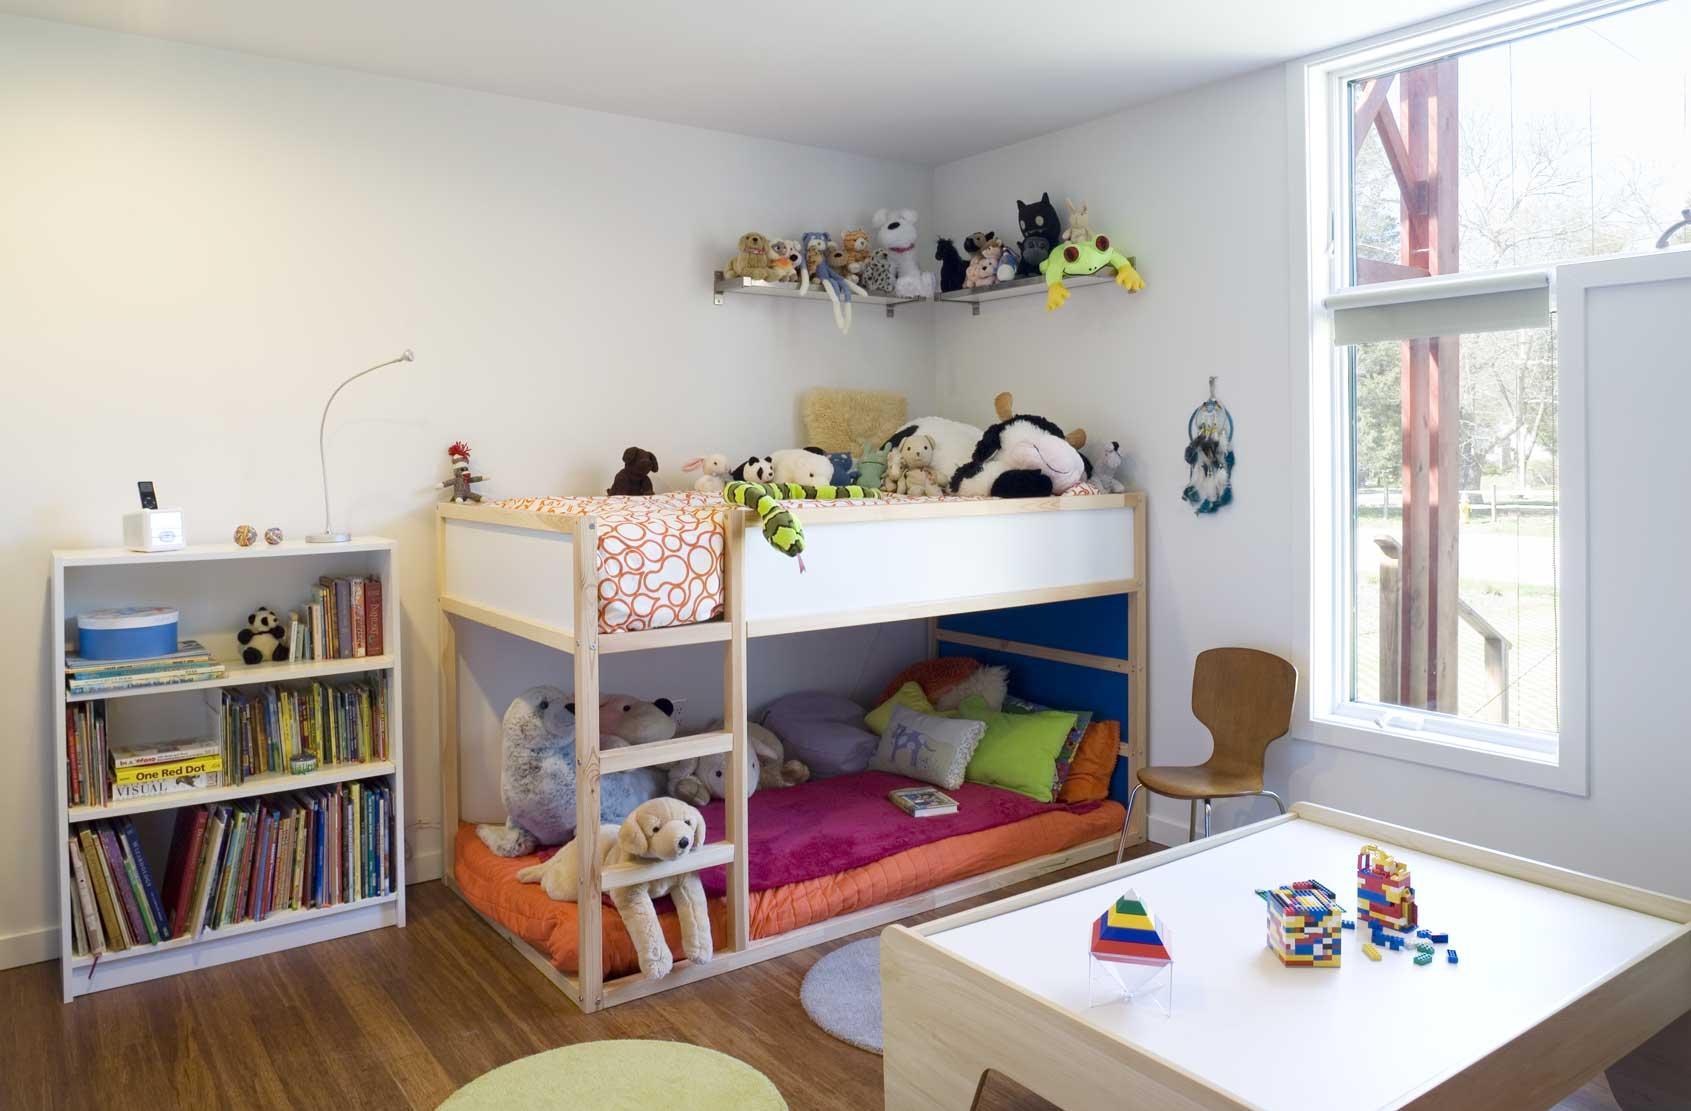 Дизайн детской комнаты для двух мальчиков с угловой кроватью